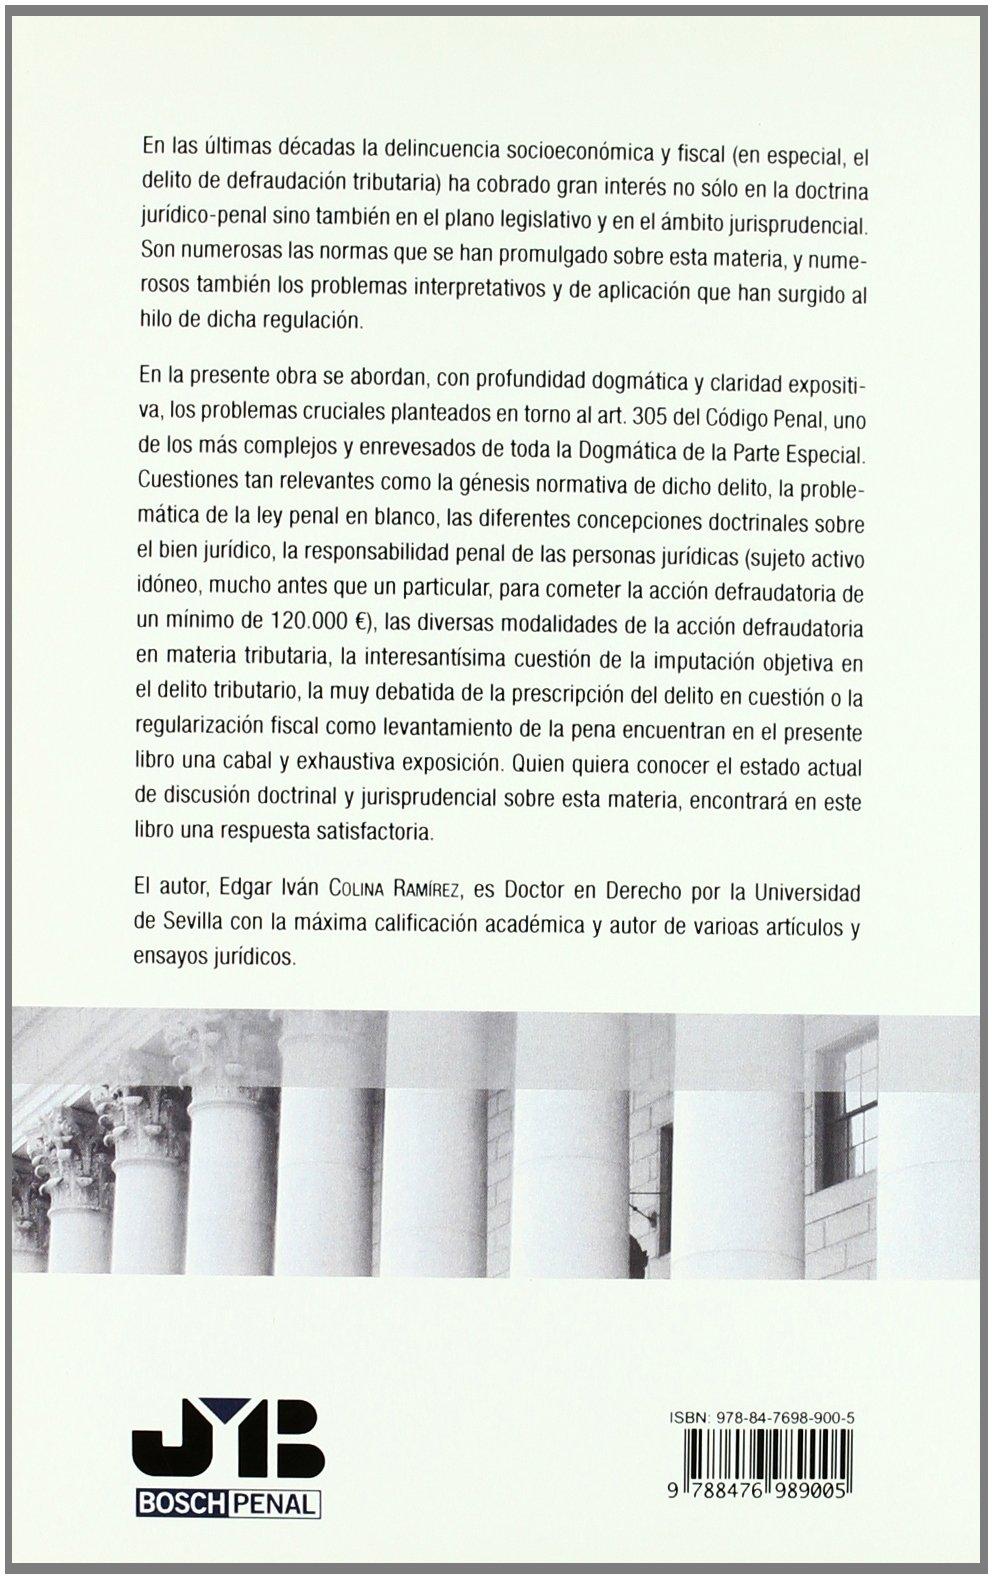 La defraudación tributaria en el Código Penal Español.: Análisis Jurídico-Dogmático del Art. 305 CP: Amazon.es: Edgar Iván Colina Ramírez: Libros